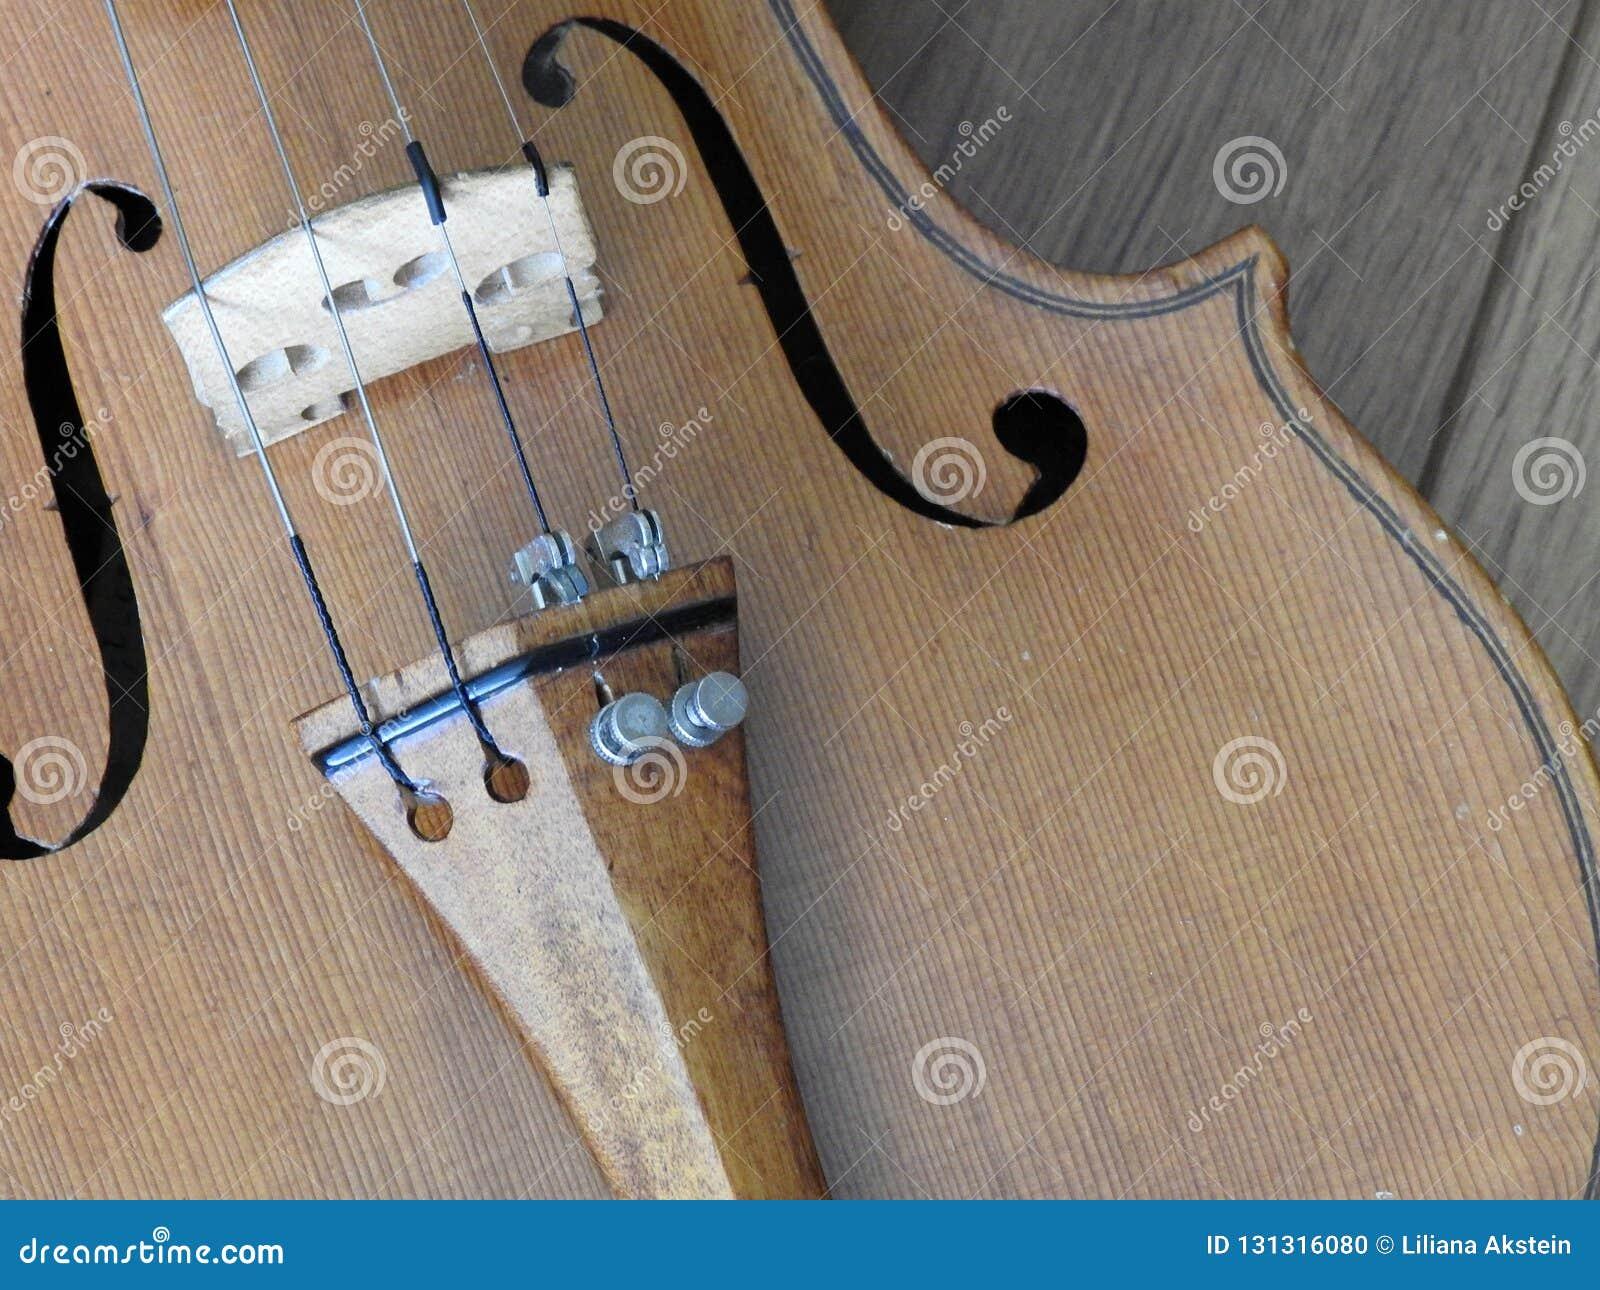 Nahaufnahme einer Violine, ein hölzernes Streichinstrument